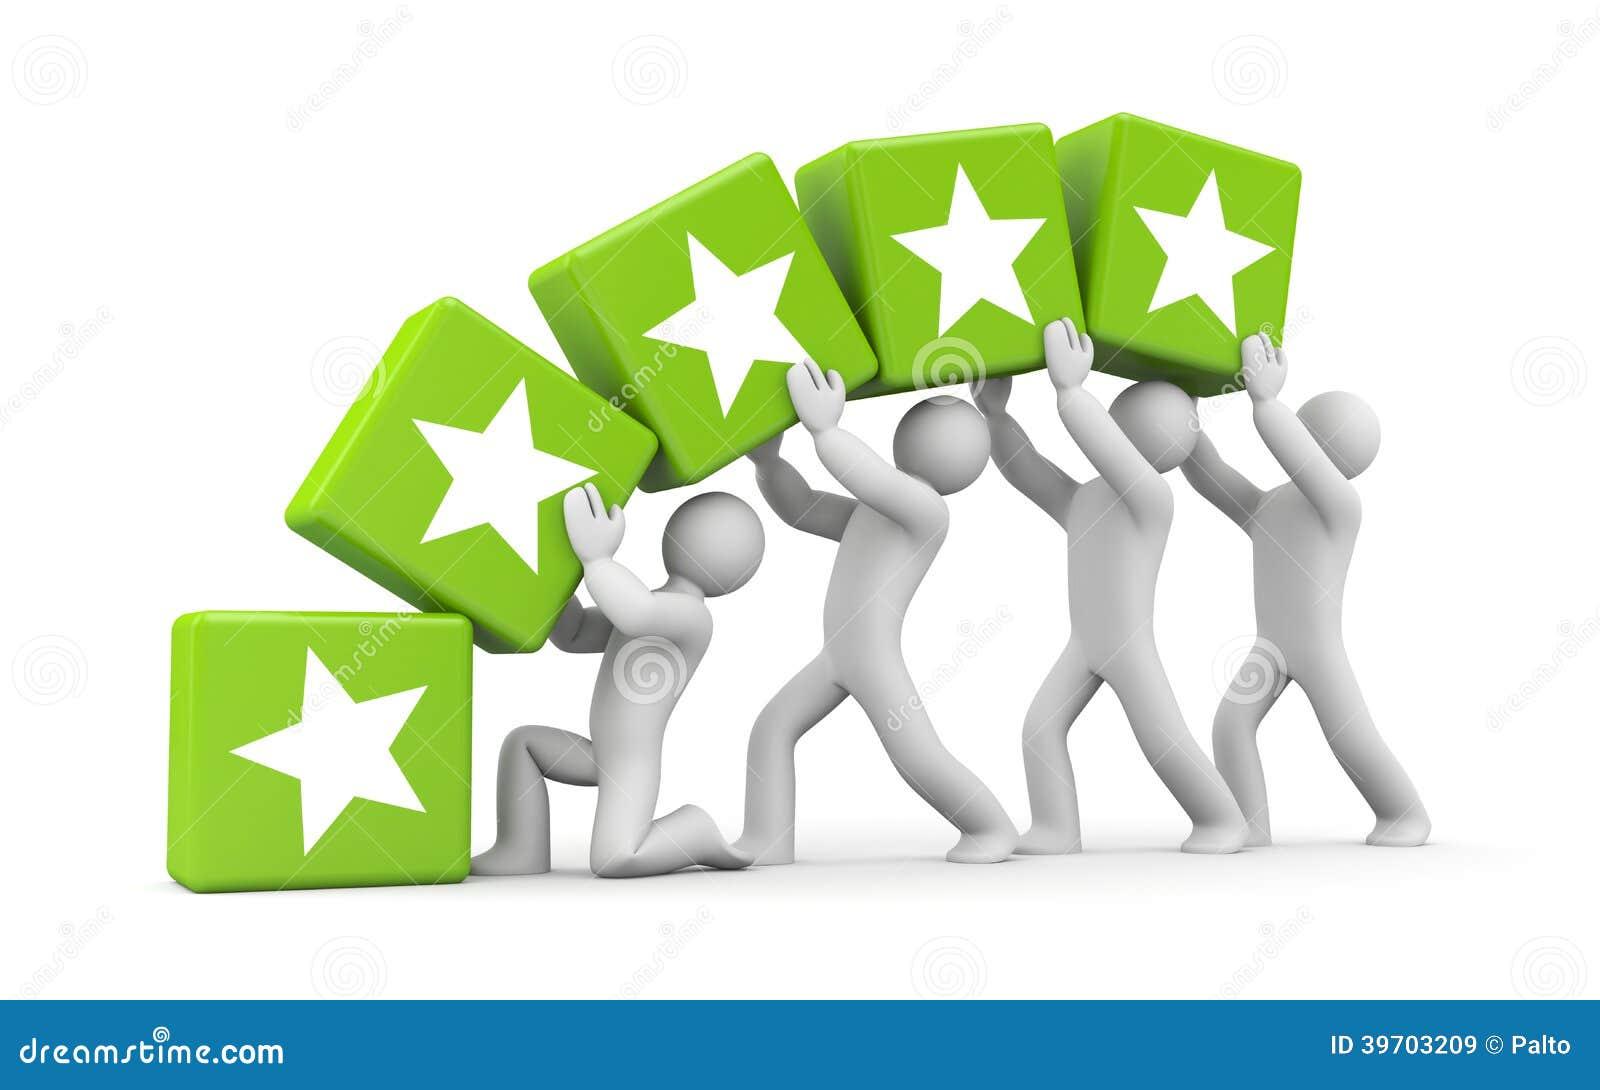 5 guld- stjärnor. Teamworkmetafor